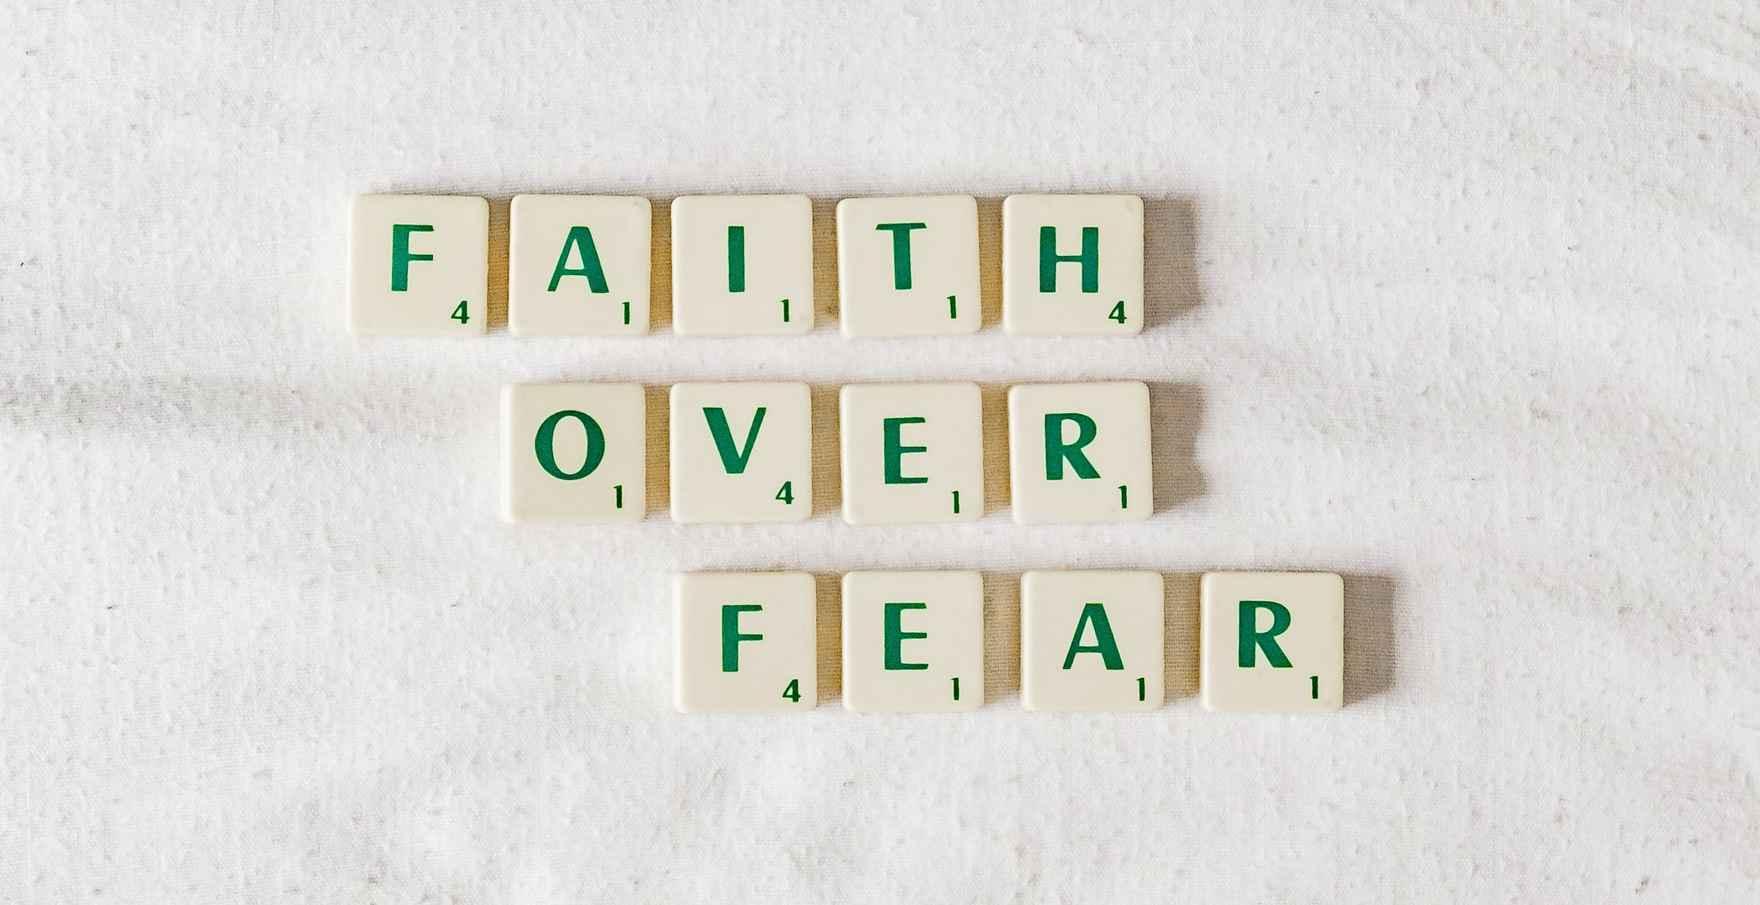 faith over fear2